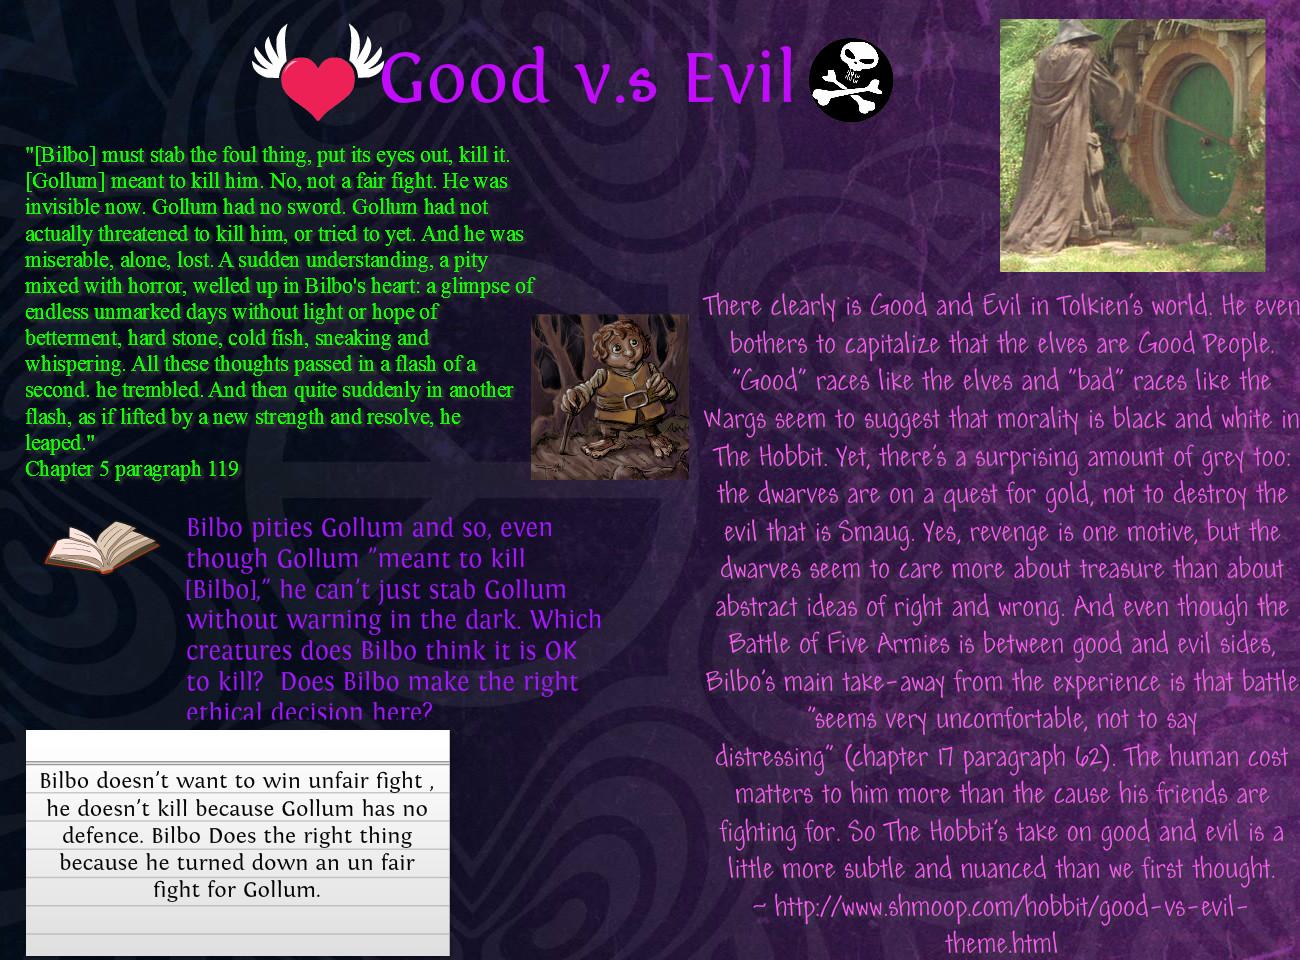 God vs evil